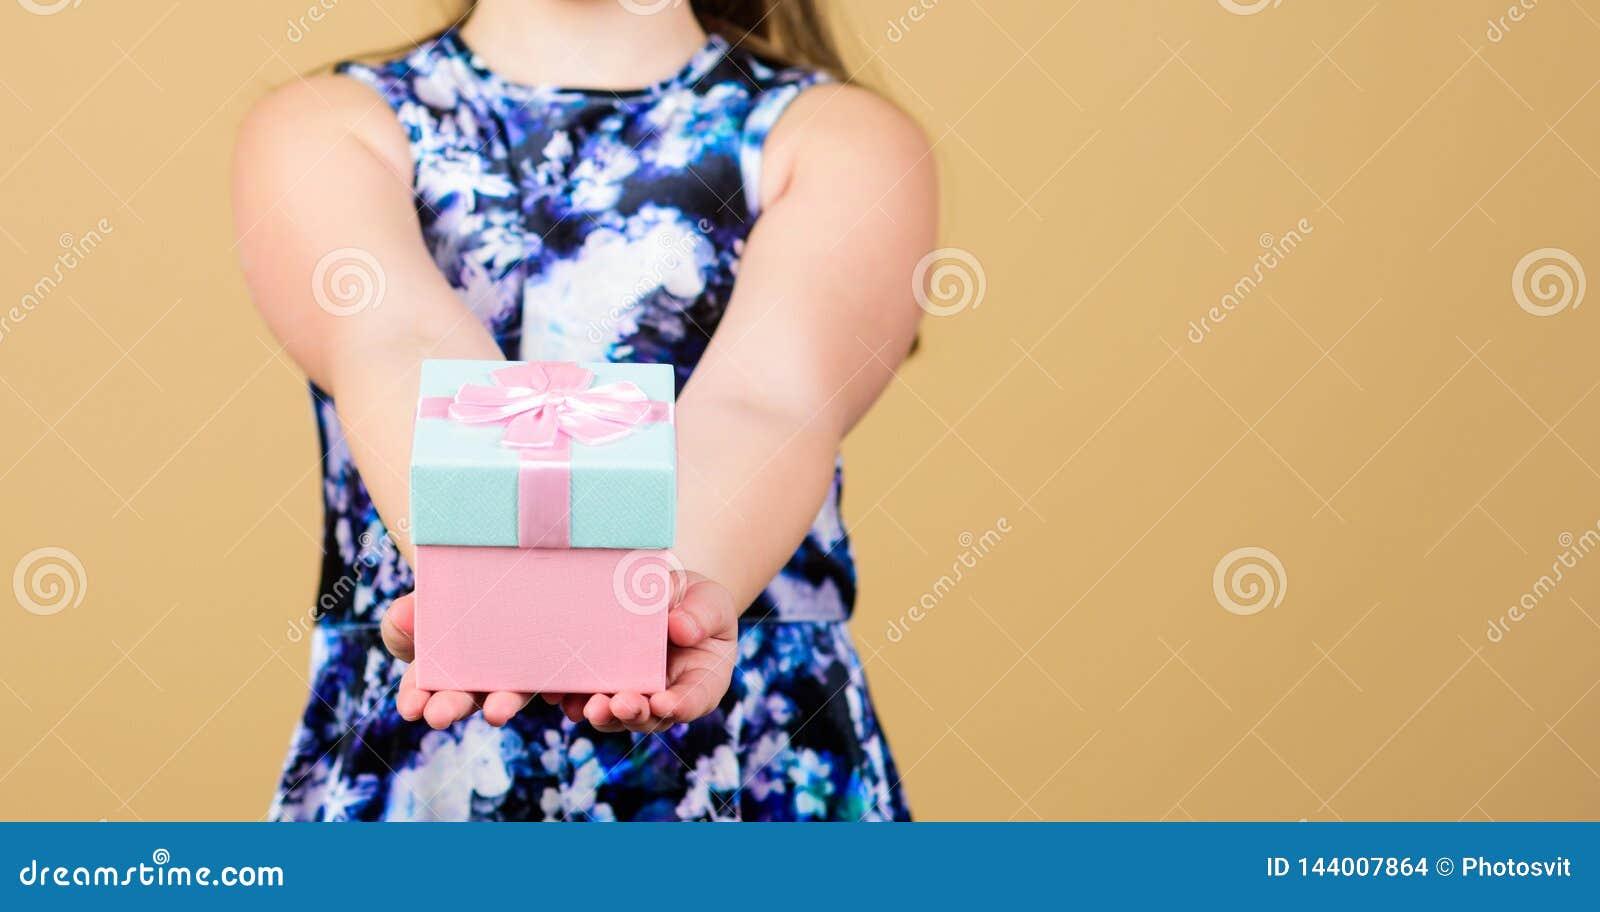 Aktie och generositet Tacka dig så mycket Bakgrund för ask för barnhållgåva beige Förtjust gåva för ungeflicka Förtjusande flicka